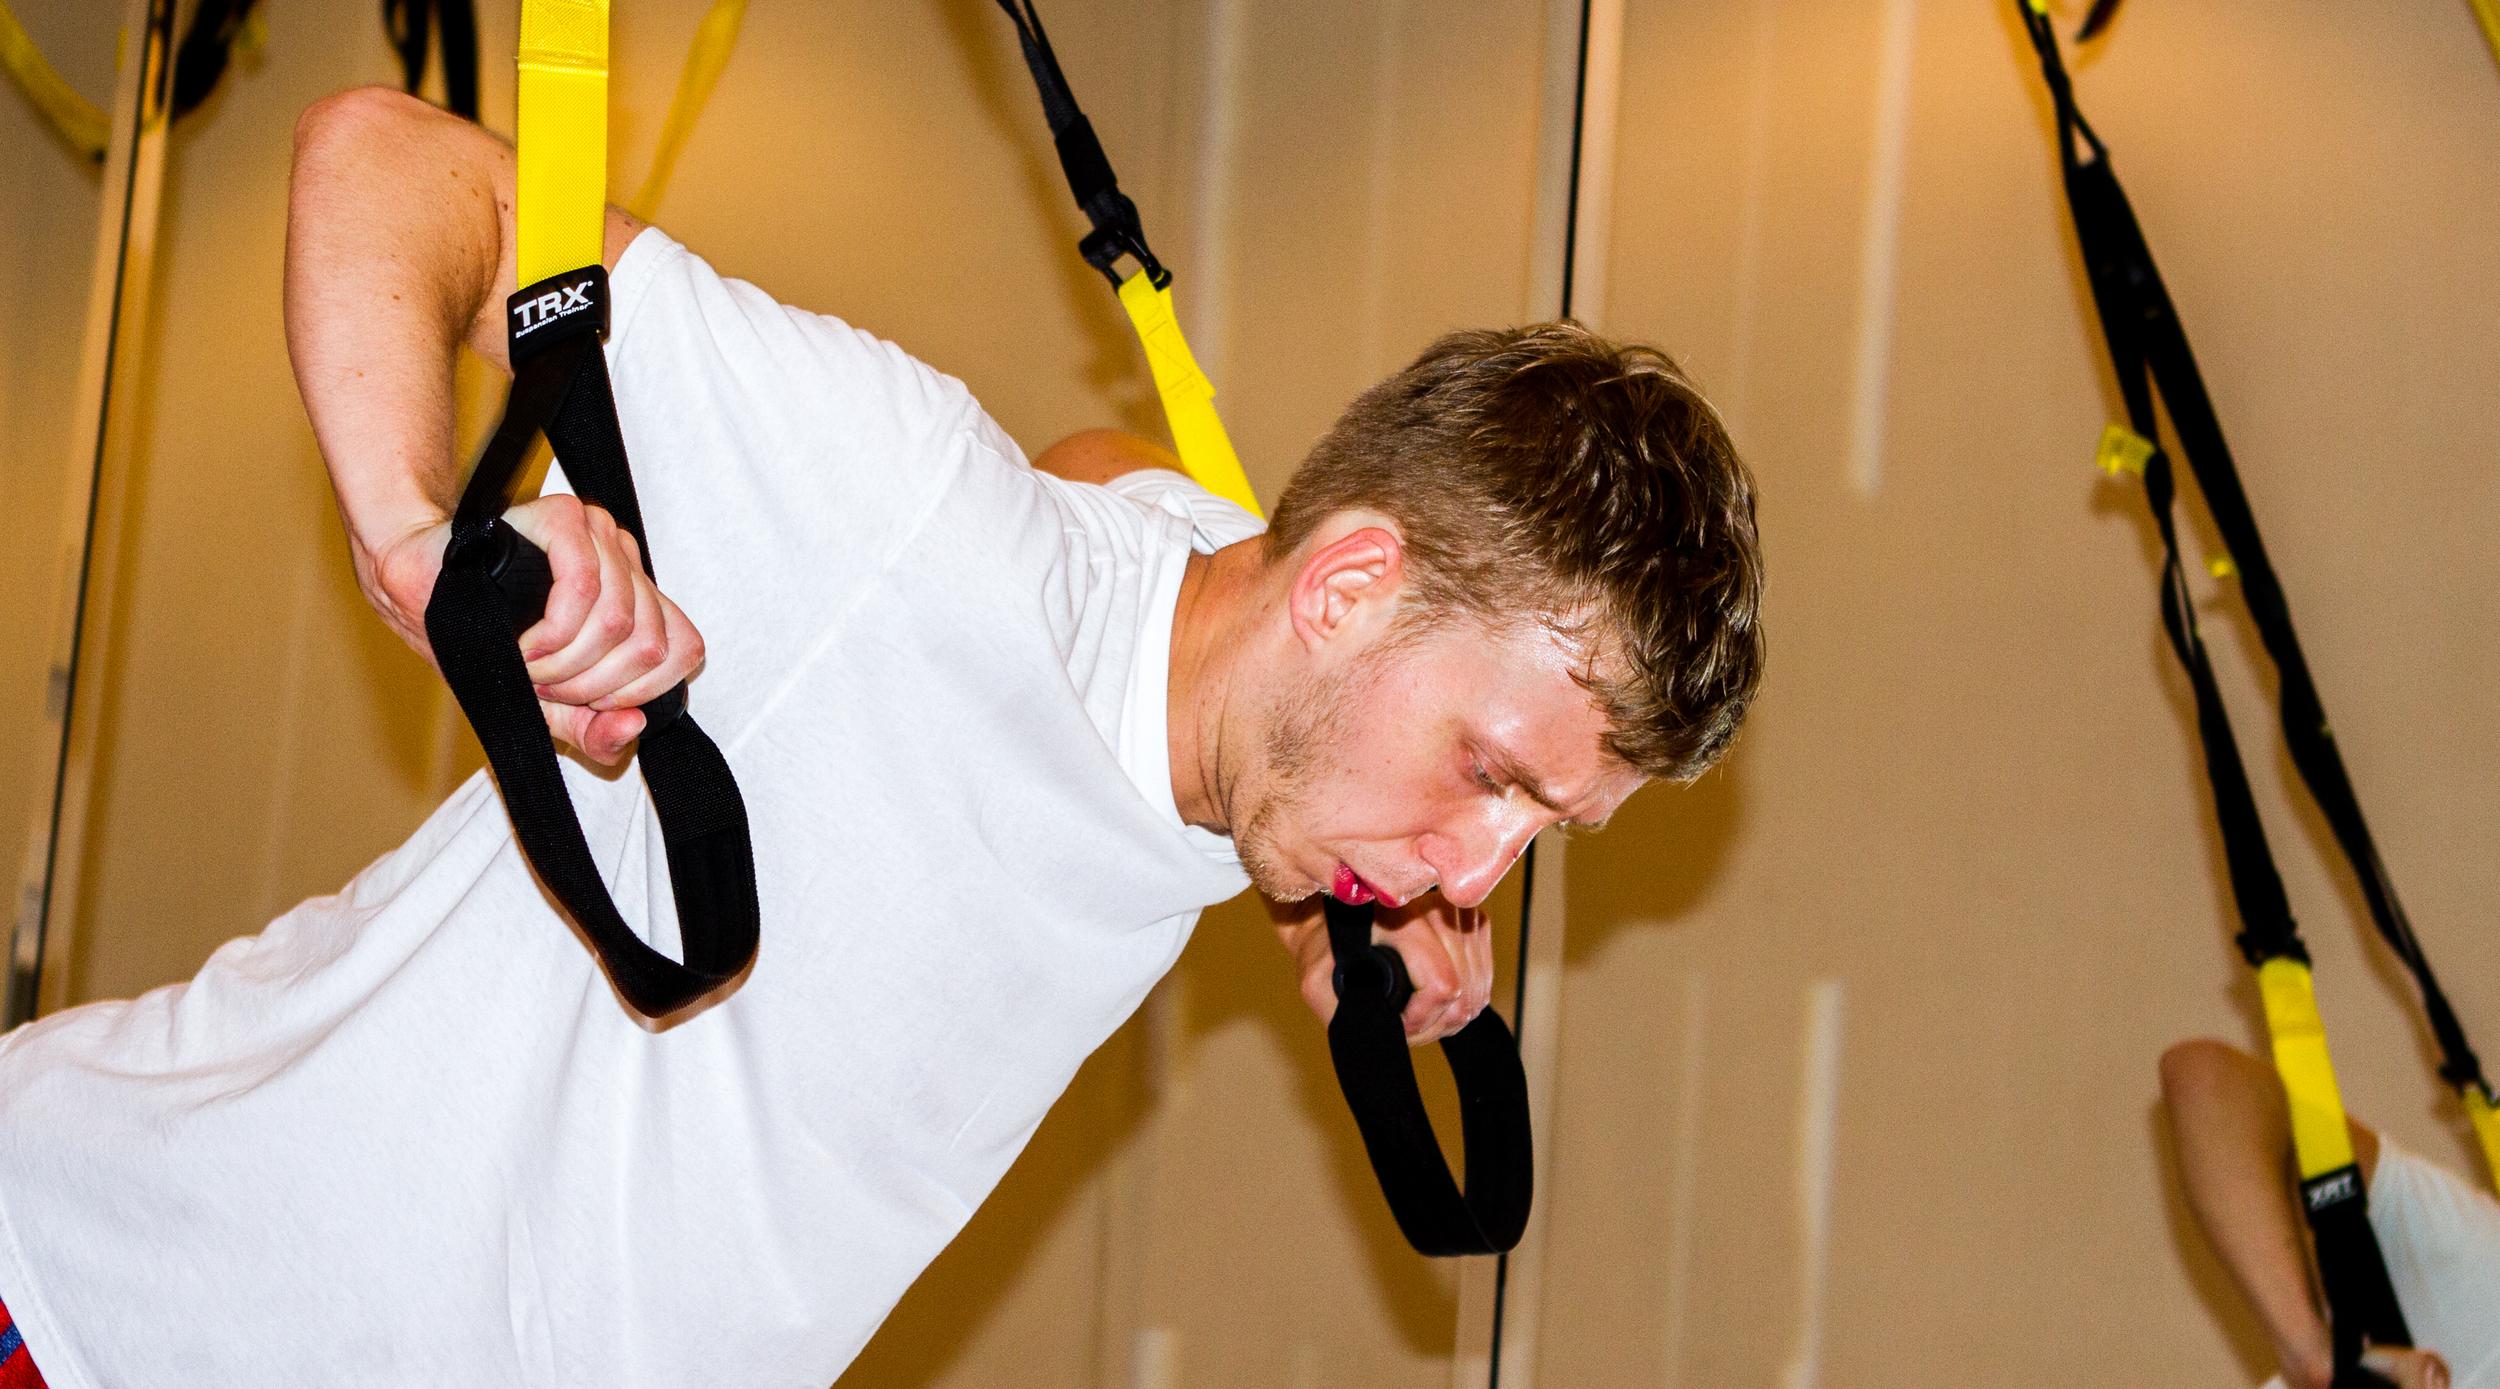 Yoga Matt Final Photos-9.jpg